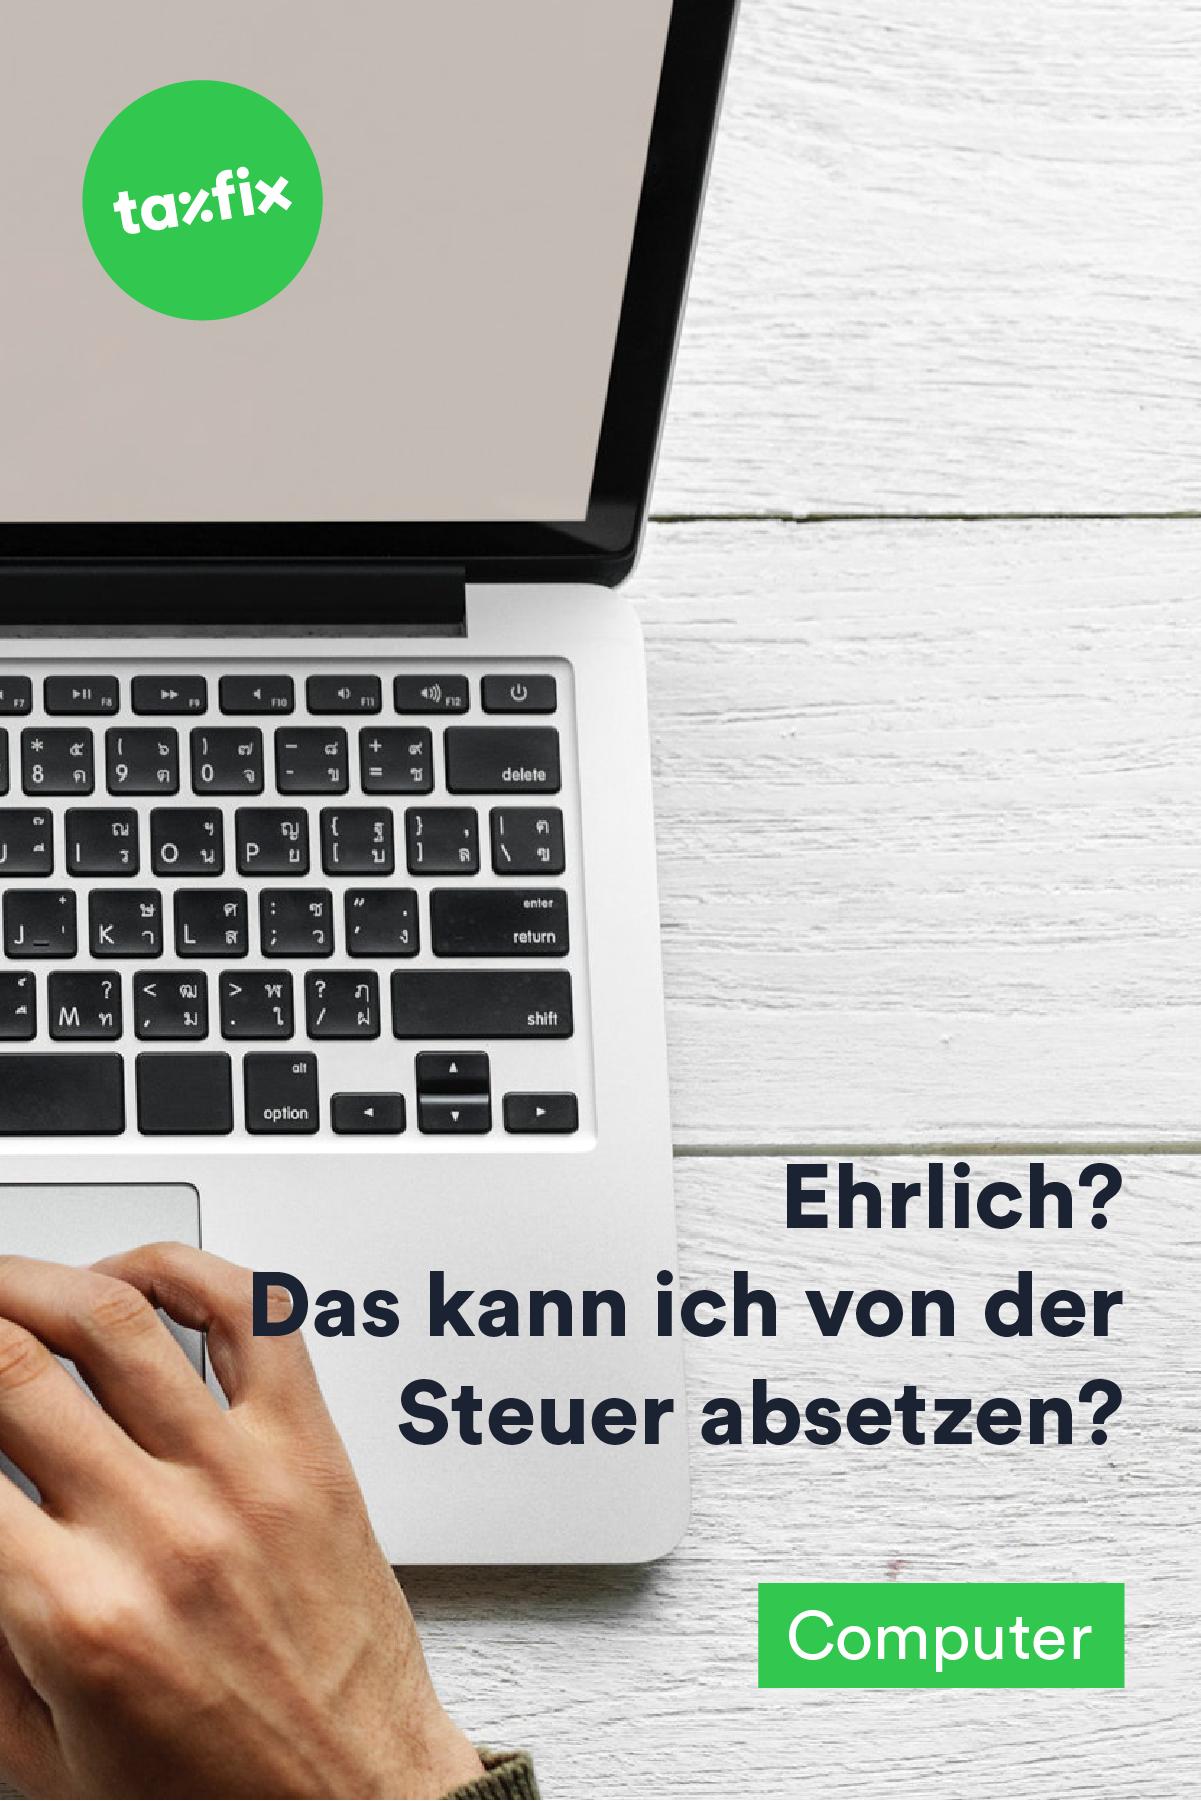 laptop für fortbildung von steuer absetzen